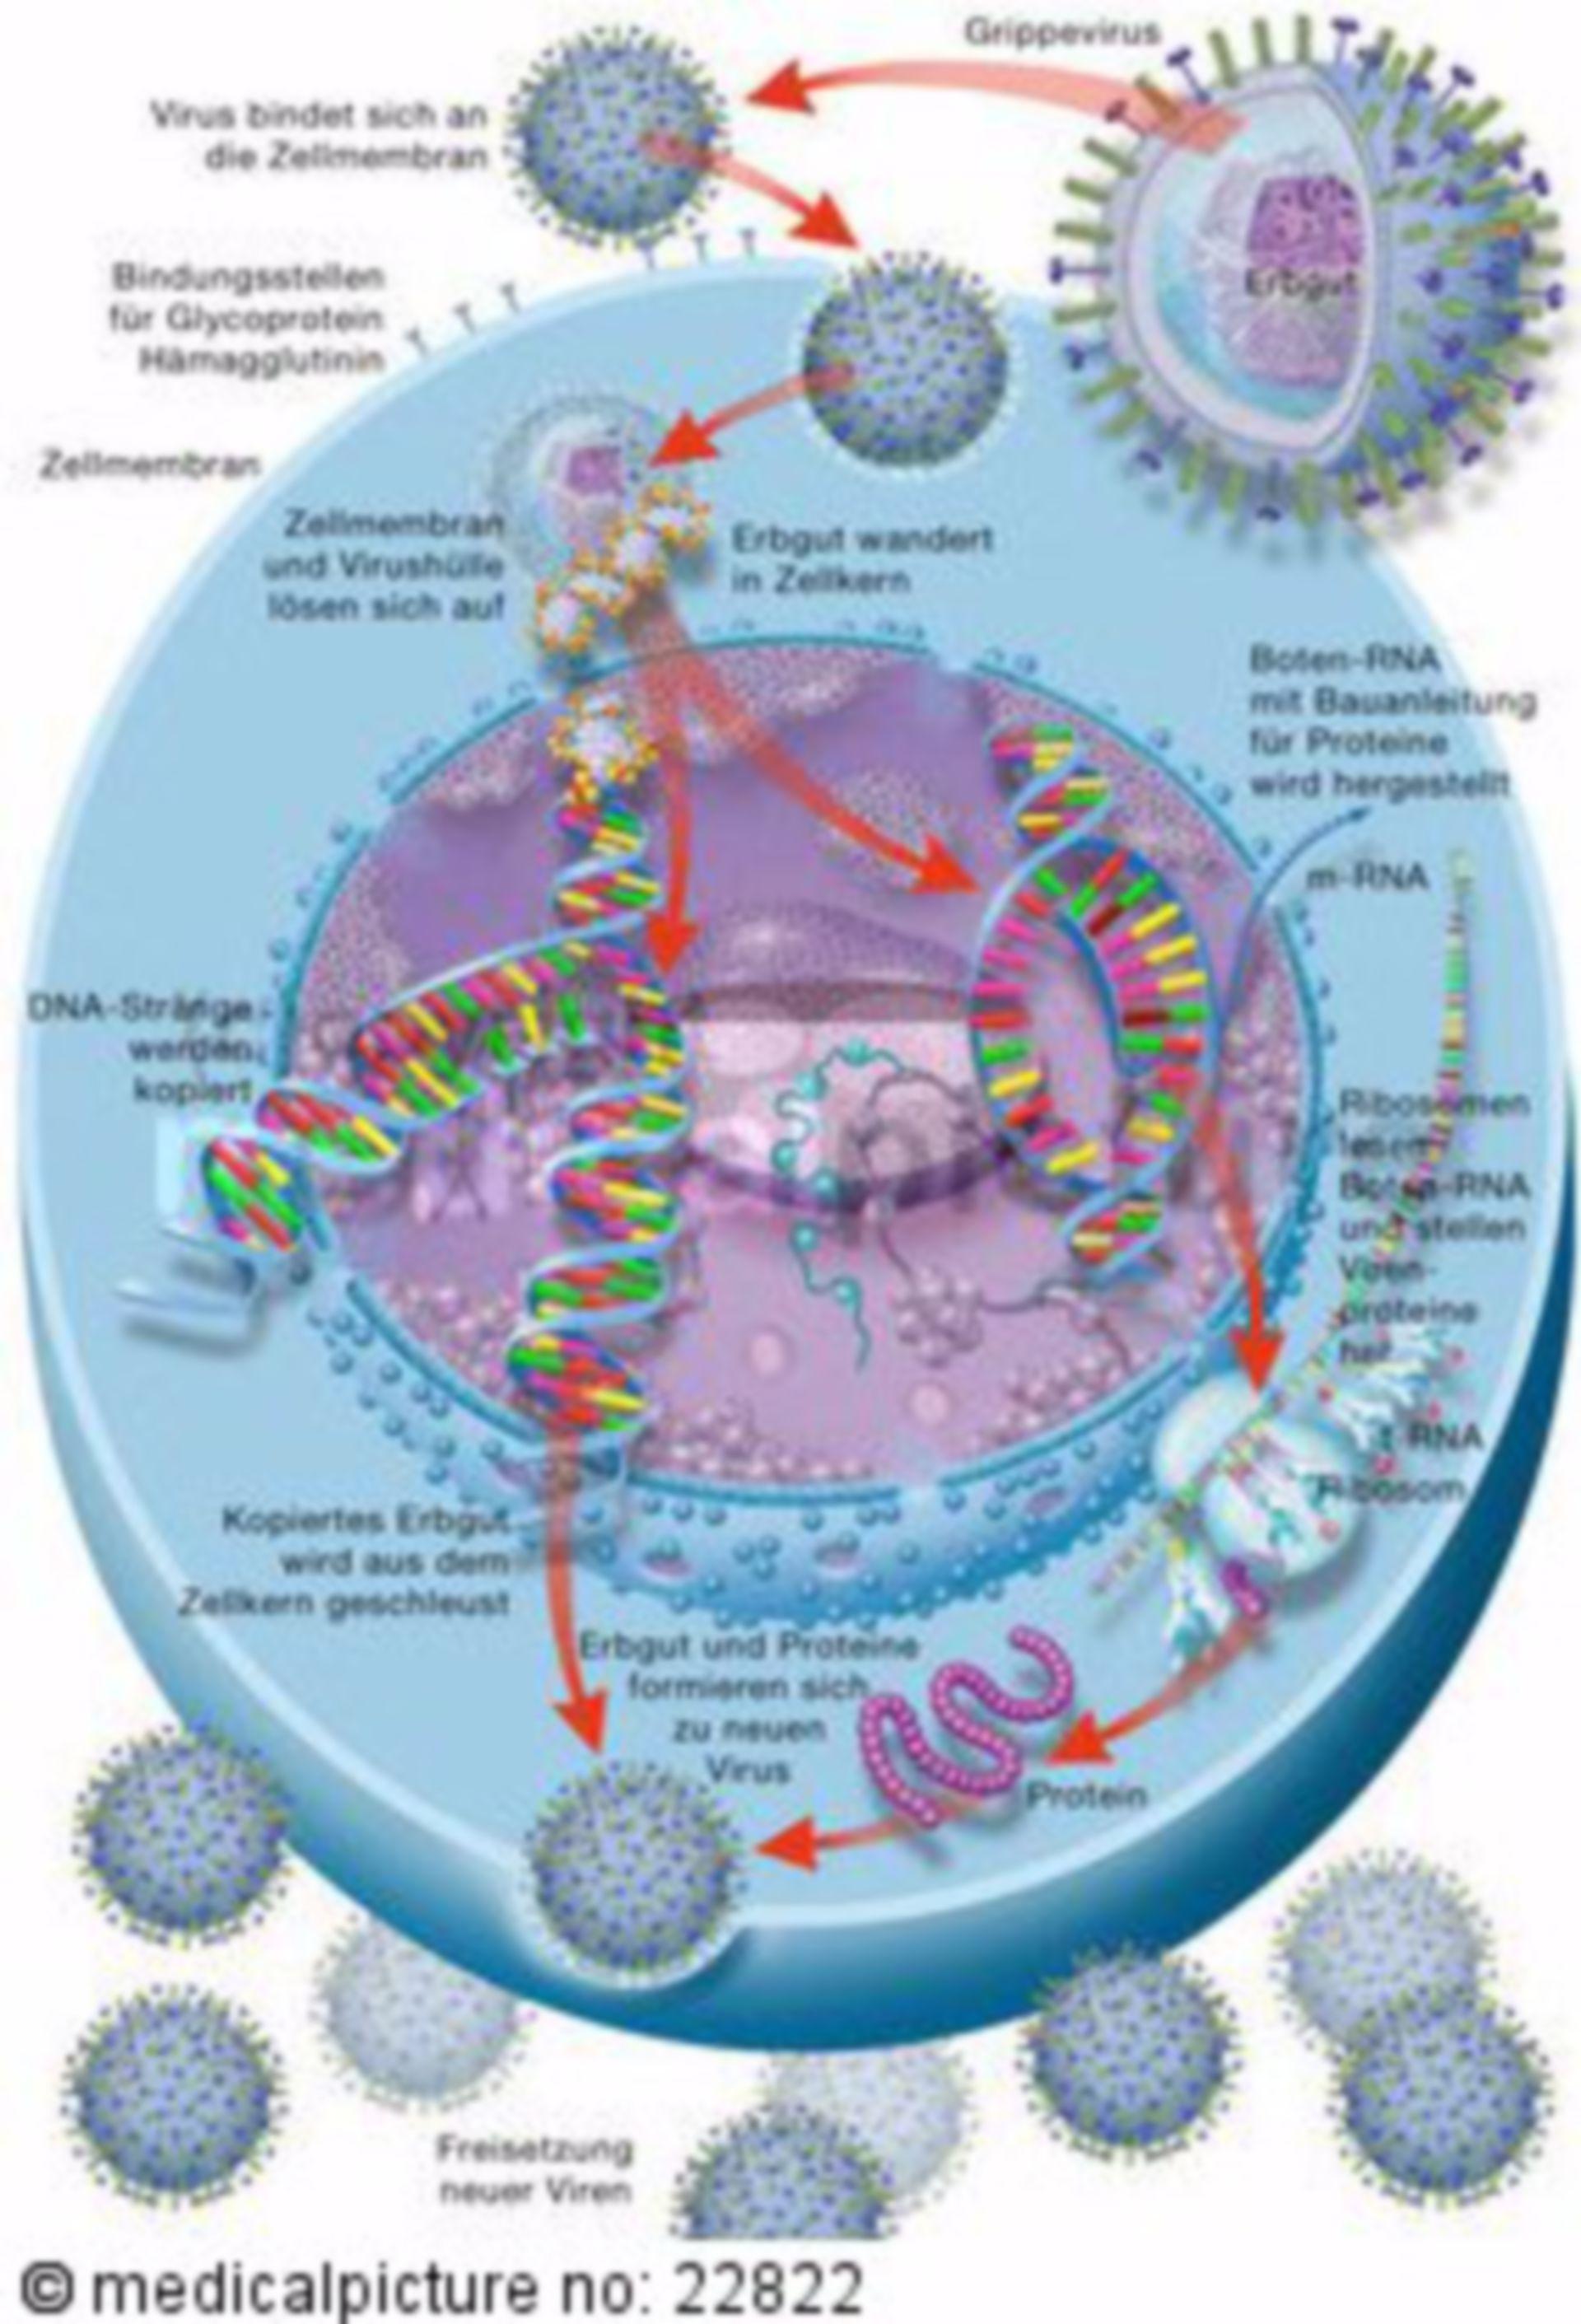 Vermehrungszyklus von Viren